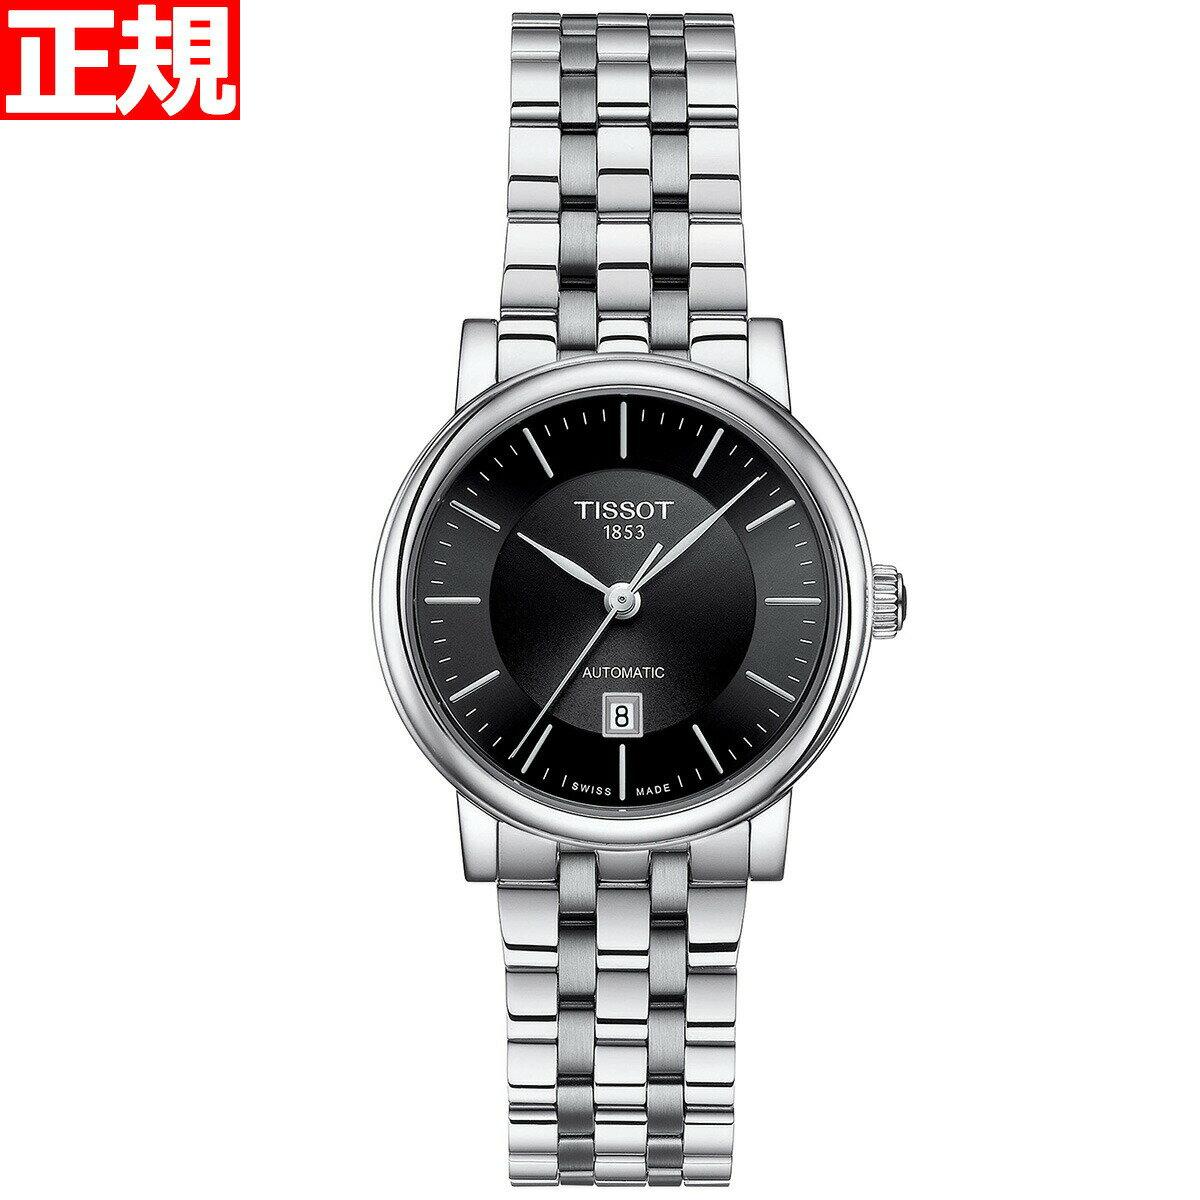 腕時計, レディース腕時計 34 TISSOT CARSON PREMIUM AUTOMATIC LADY T122.207.11.051.00